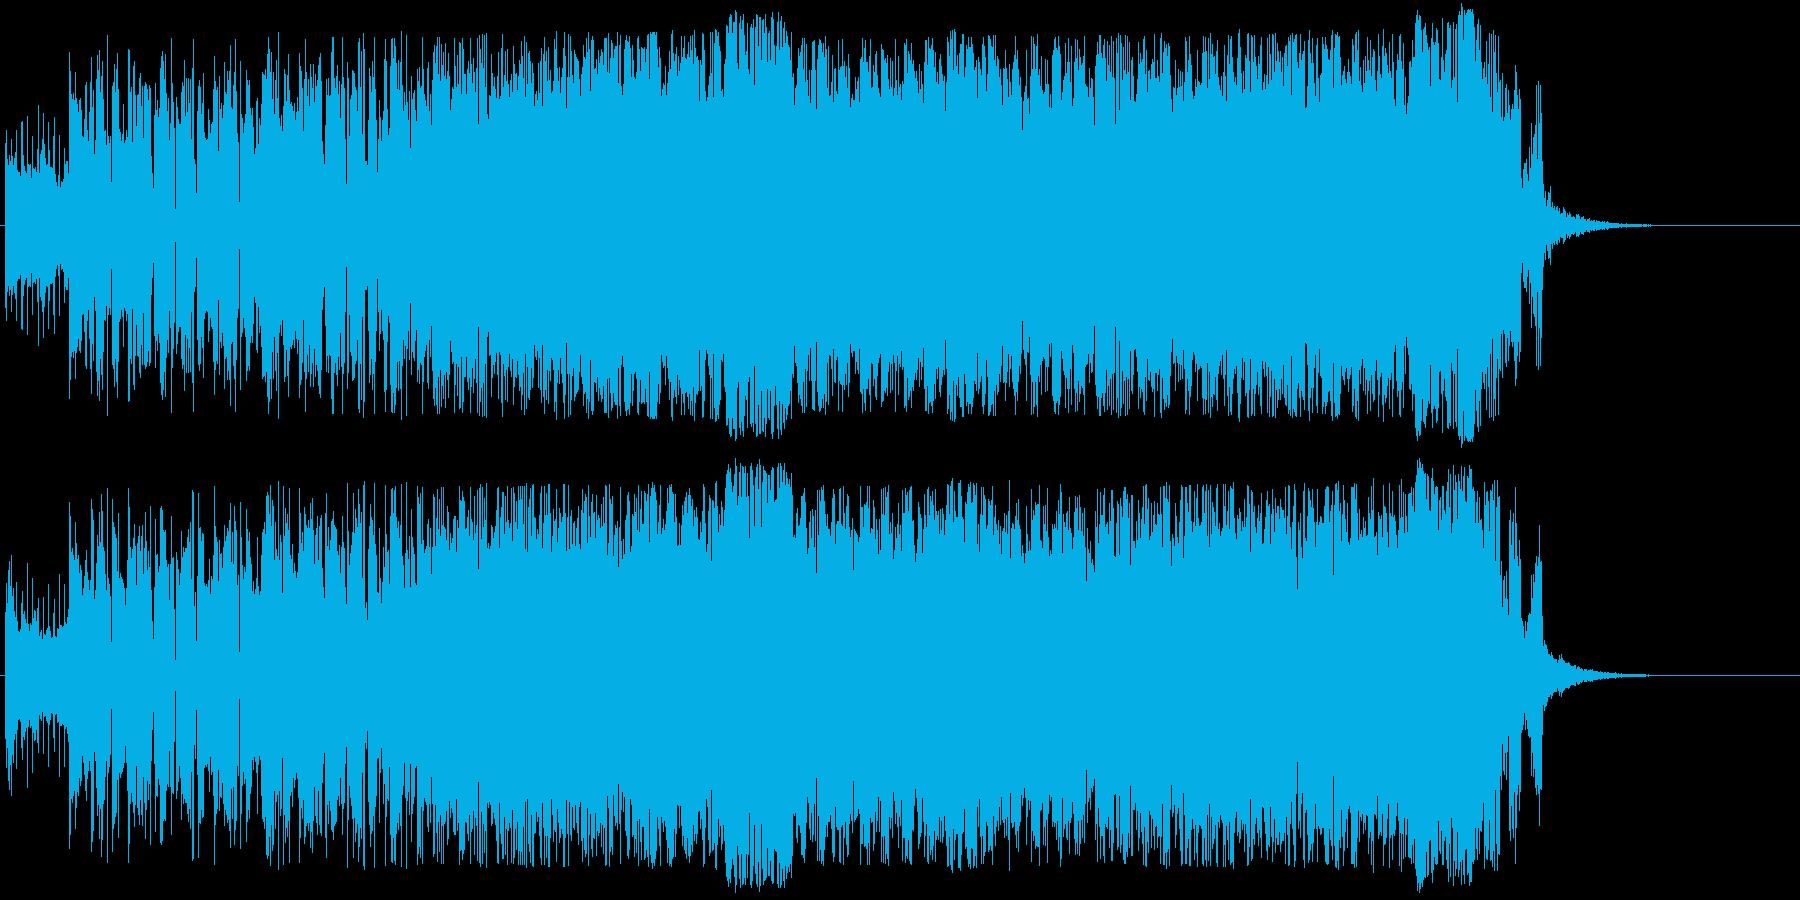 未来をイメージした前向きサウンドの再生済みの波形